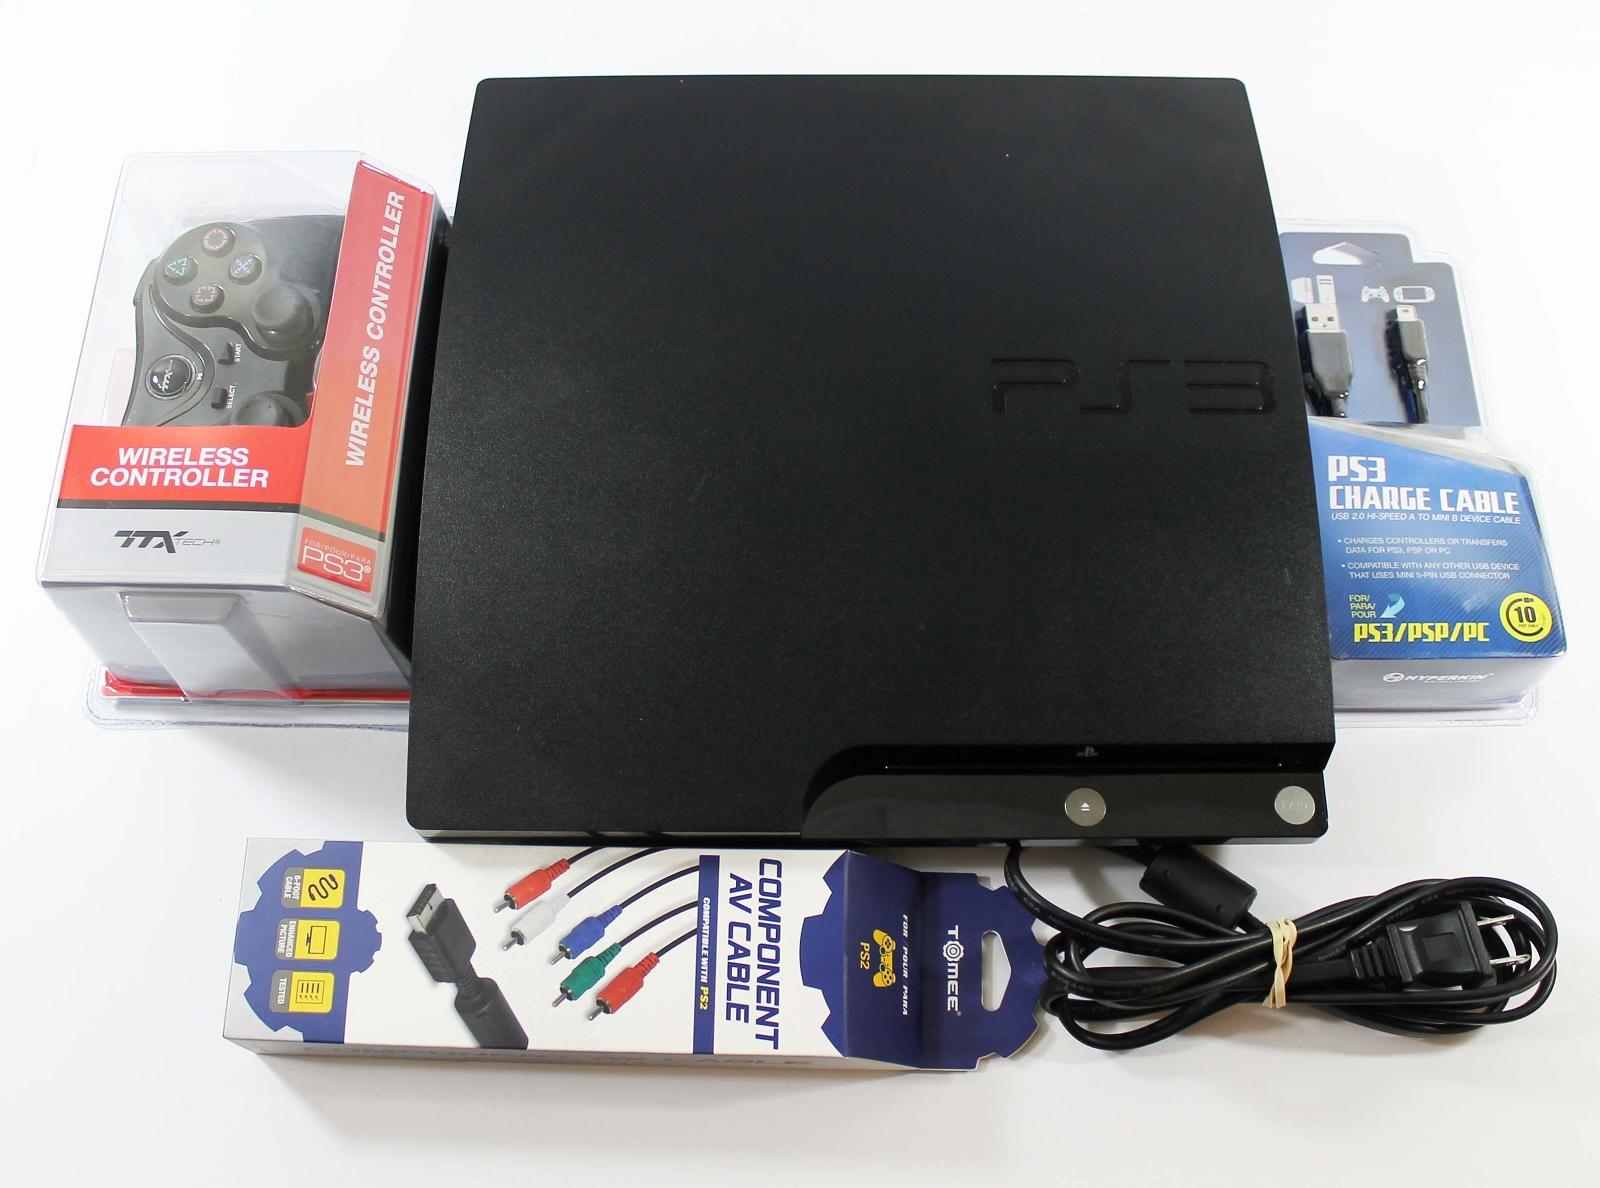 Sony Playstation 3 Console 320gb System Model Cech 3001b Super Slim 320 Gb